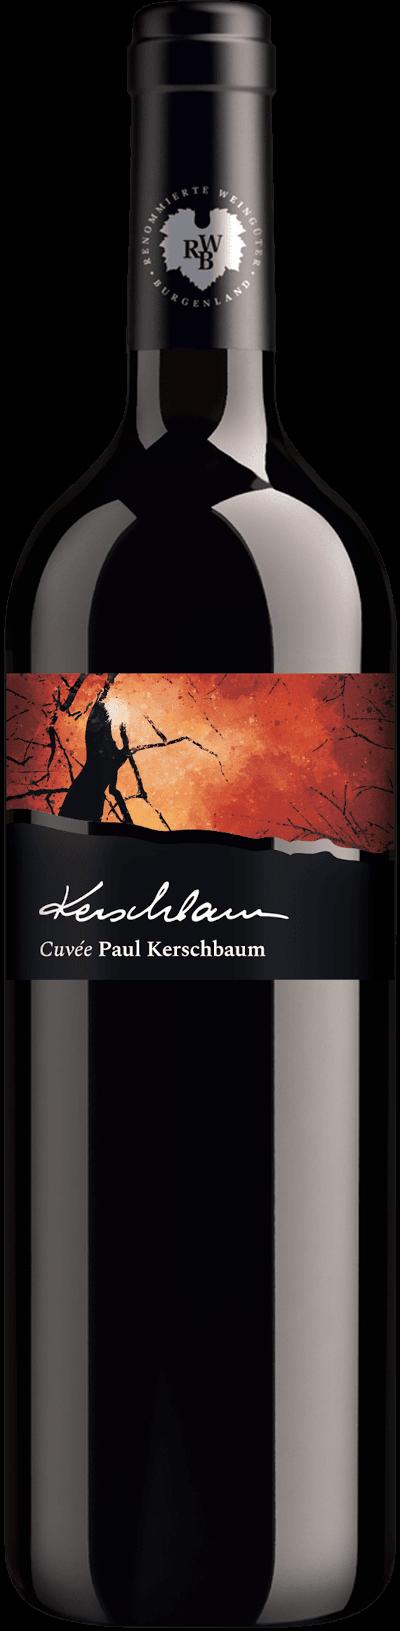 Paul Kerschbaum - Cuvée Kerschbaum